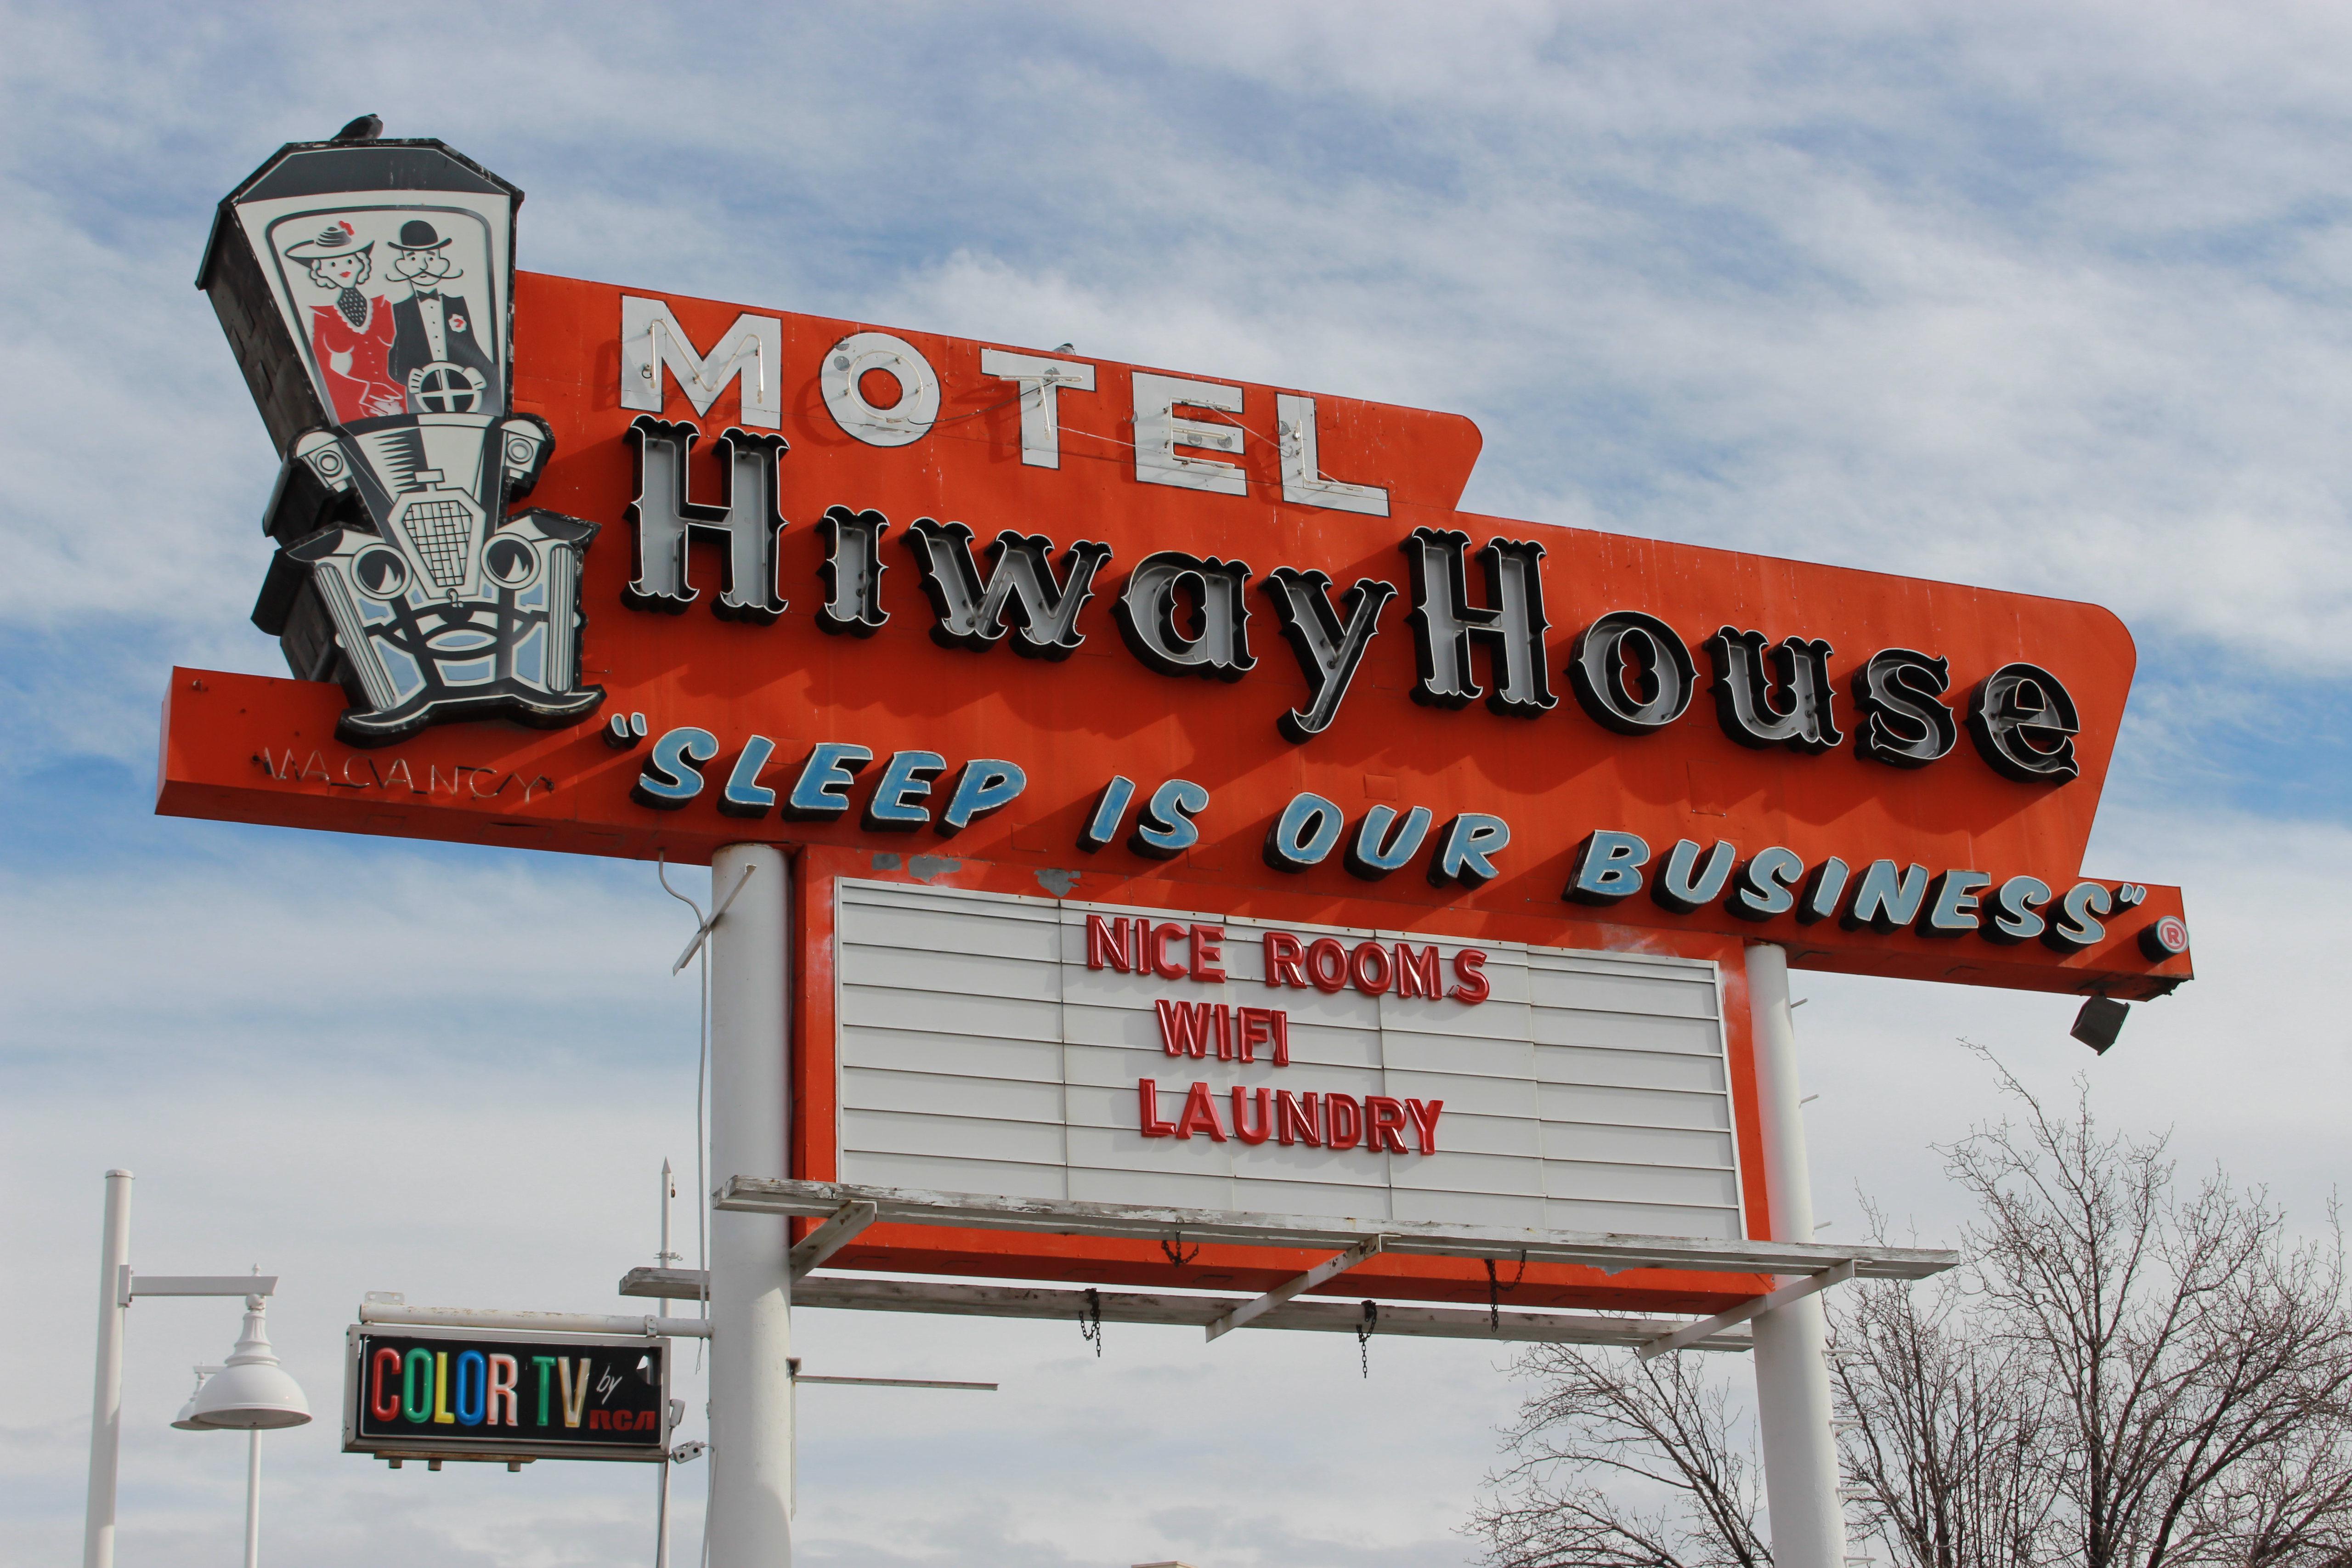 Hiway House Motel - 3200 Central Avenue SE, Albuquerque, New Mexico U.S.A. - December 19, 2019